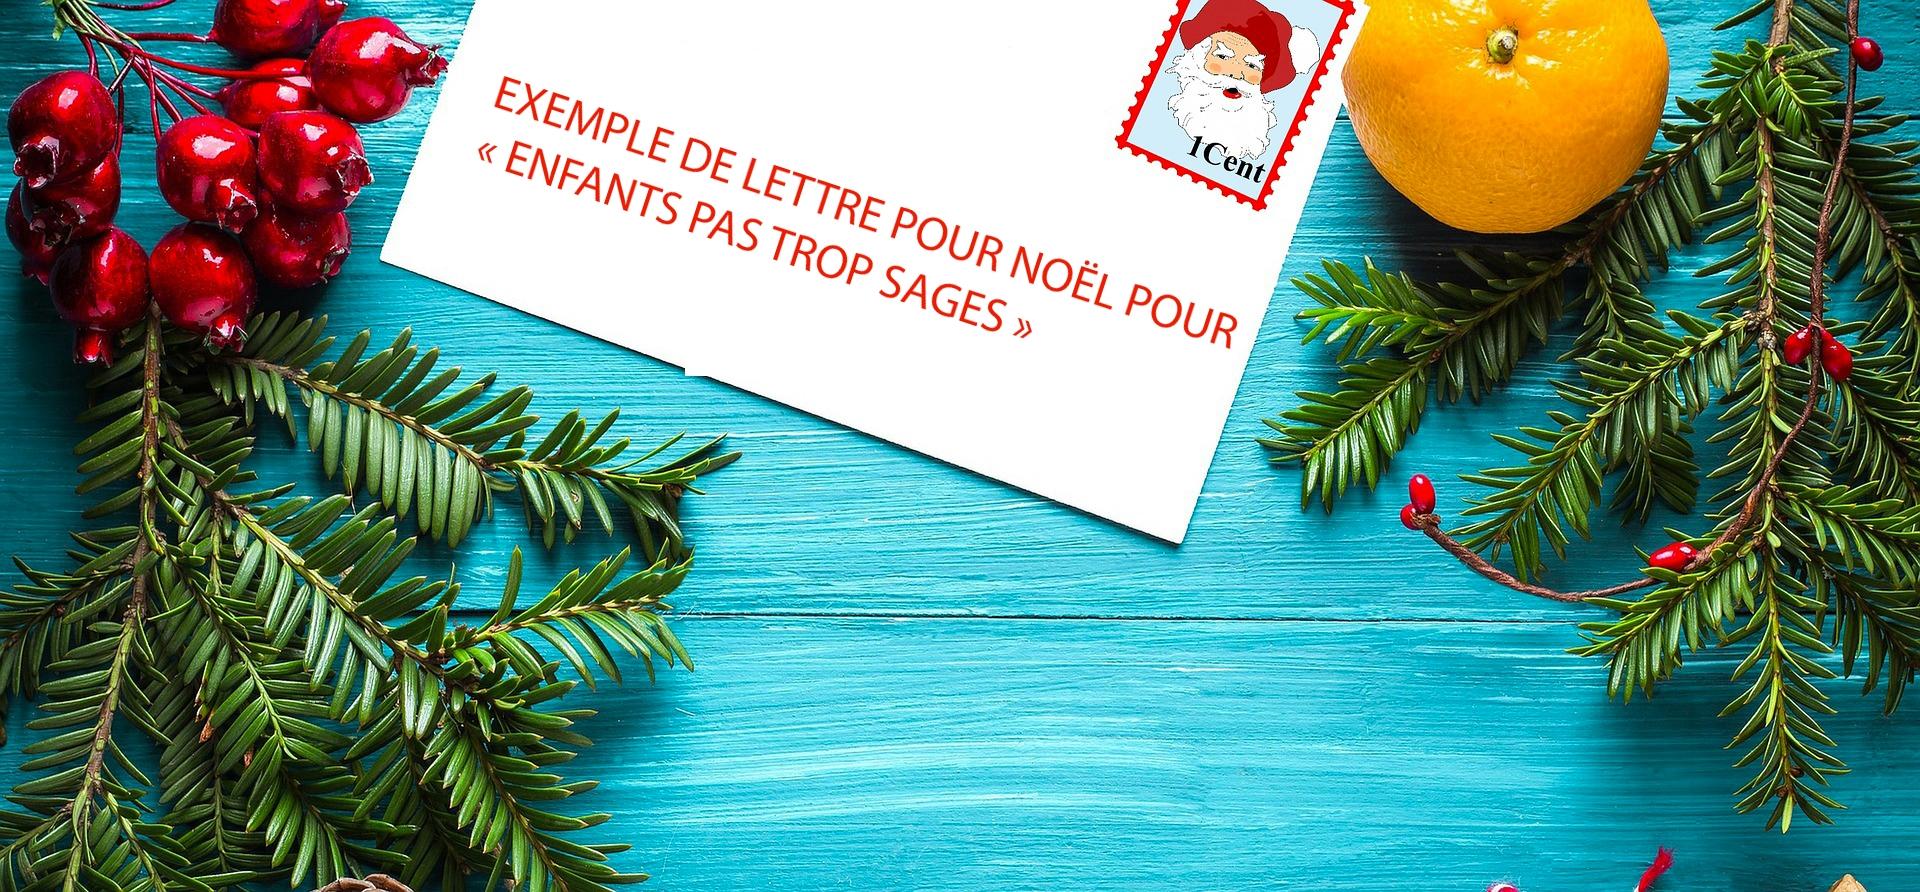 Exemple De Lettre Pour Le Pere Noel.Modele De Lettre Archives Lettre Au Pere Noel